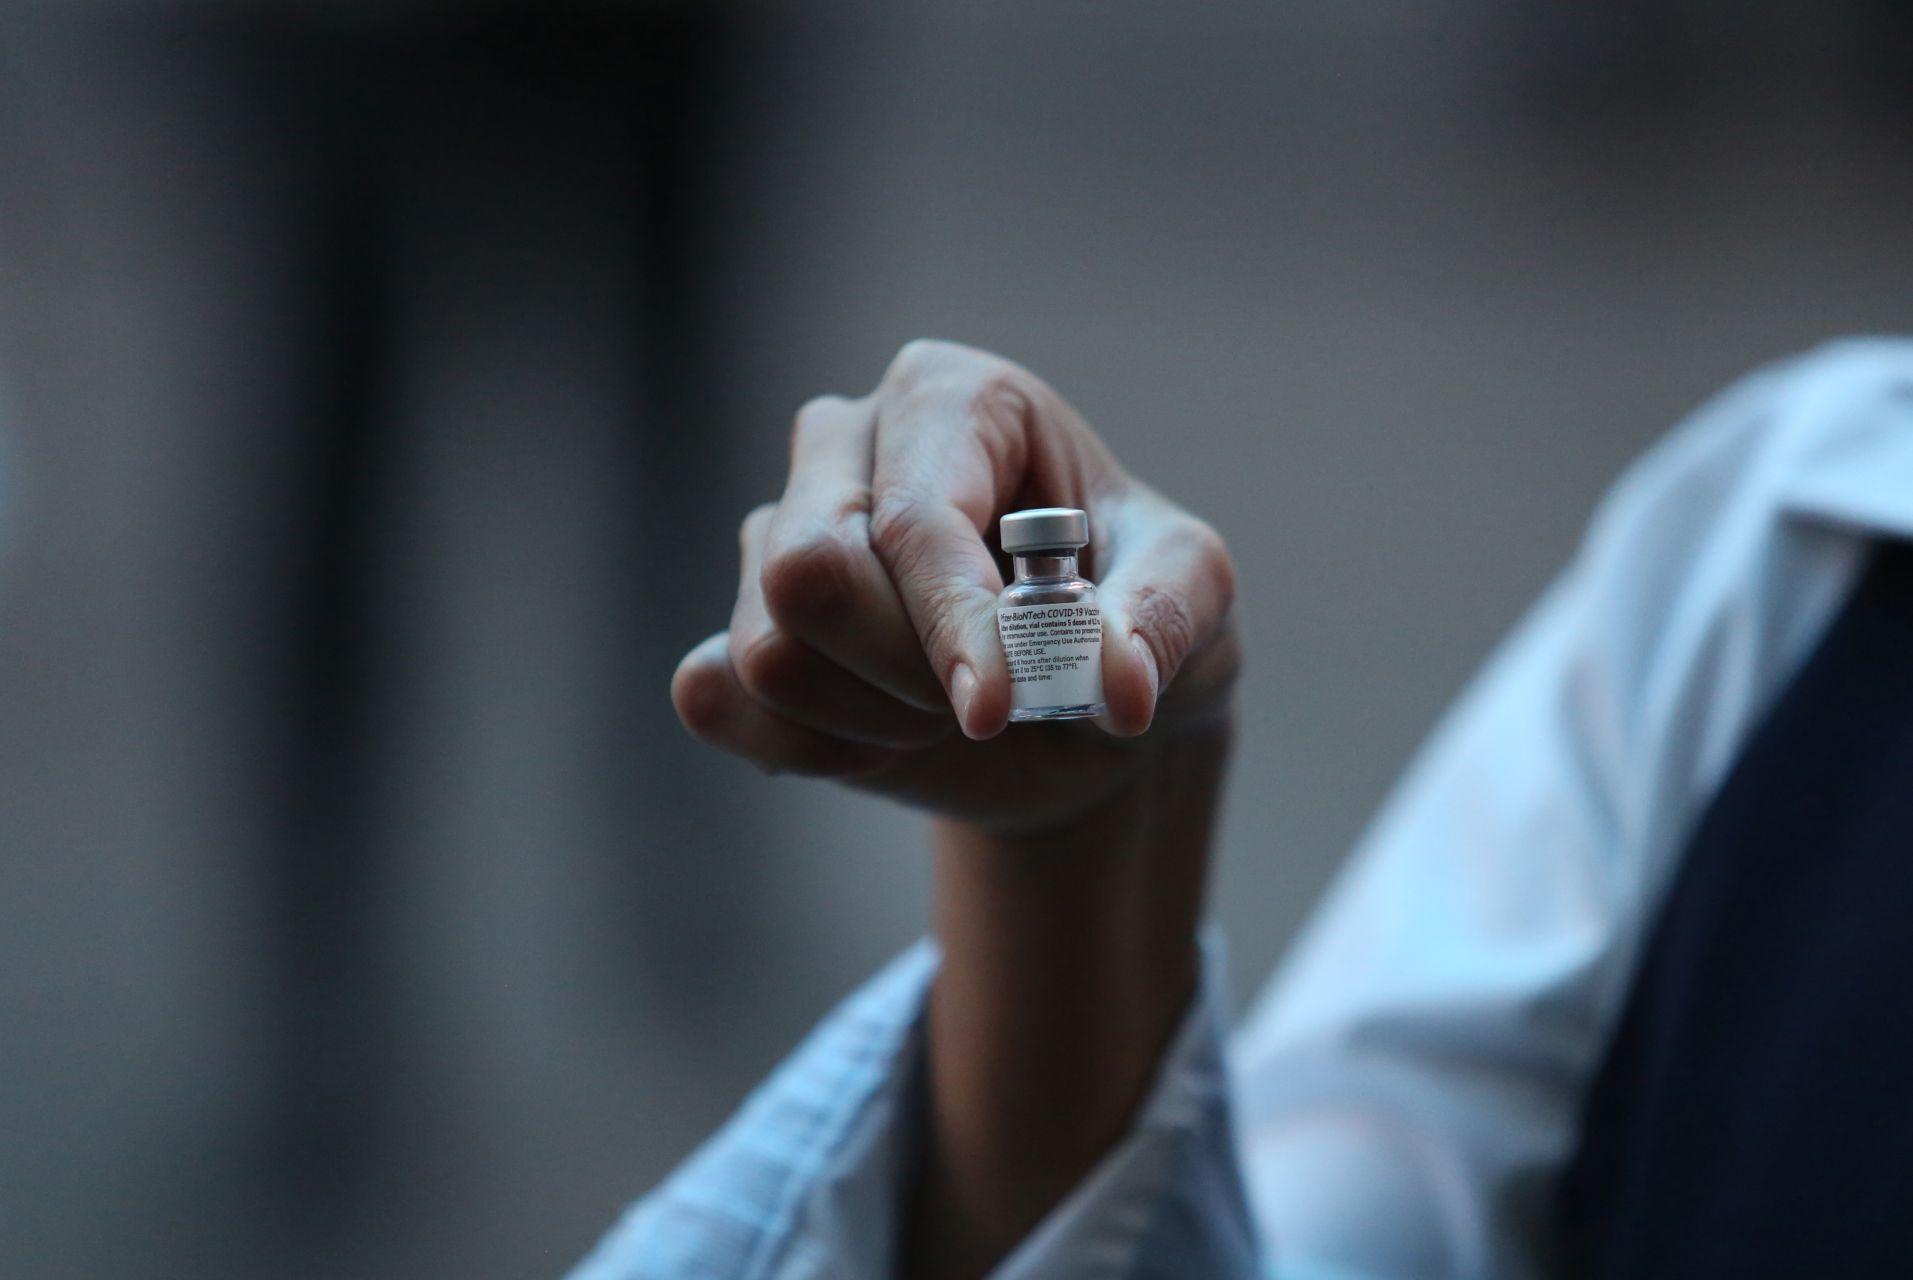 Fueron aplicadas las cinco primeras vacunas contra el COVID-19 en Baja California a personal médico que están en la primera línea de atención a pacientes positivos al Coronavirus. El evento protocolario que se realizó en el centro de gobierno estatal en Tijuana. 13 de enero de 2021.